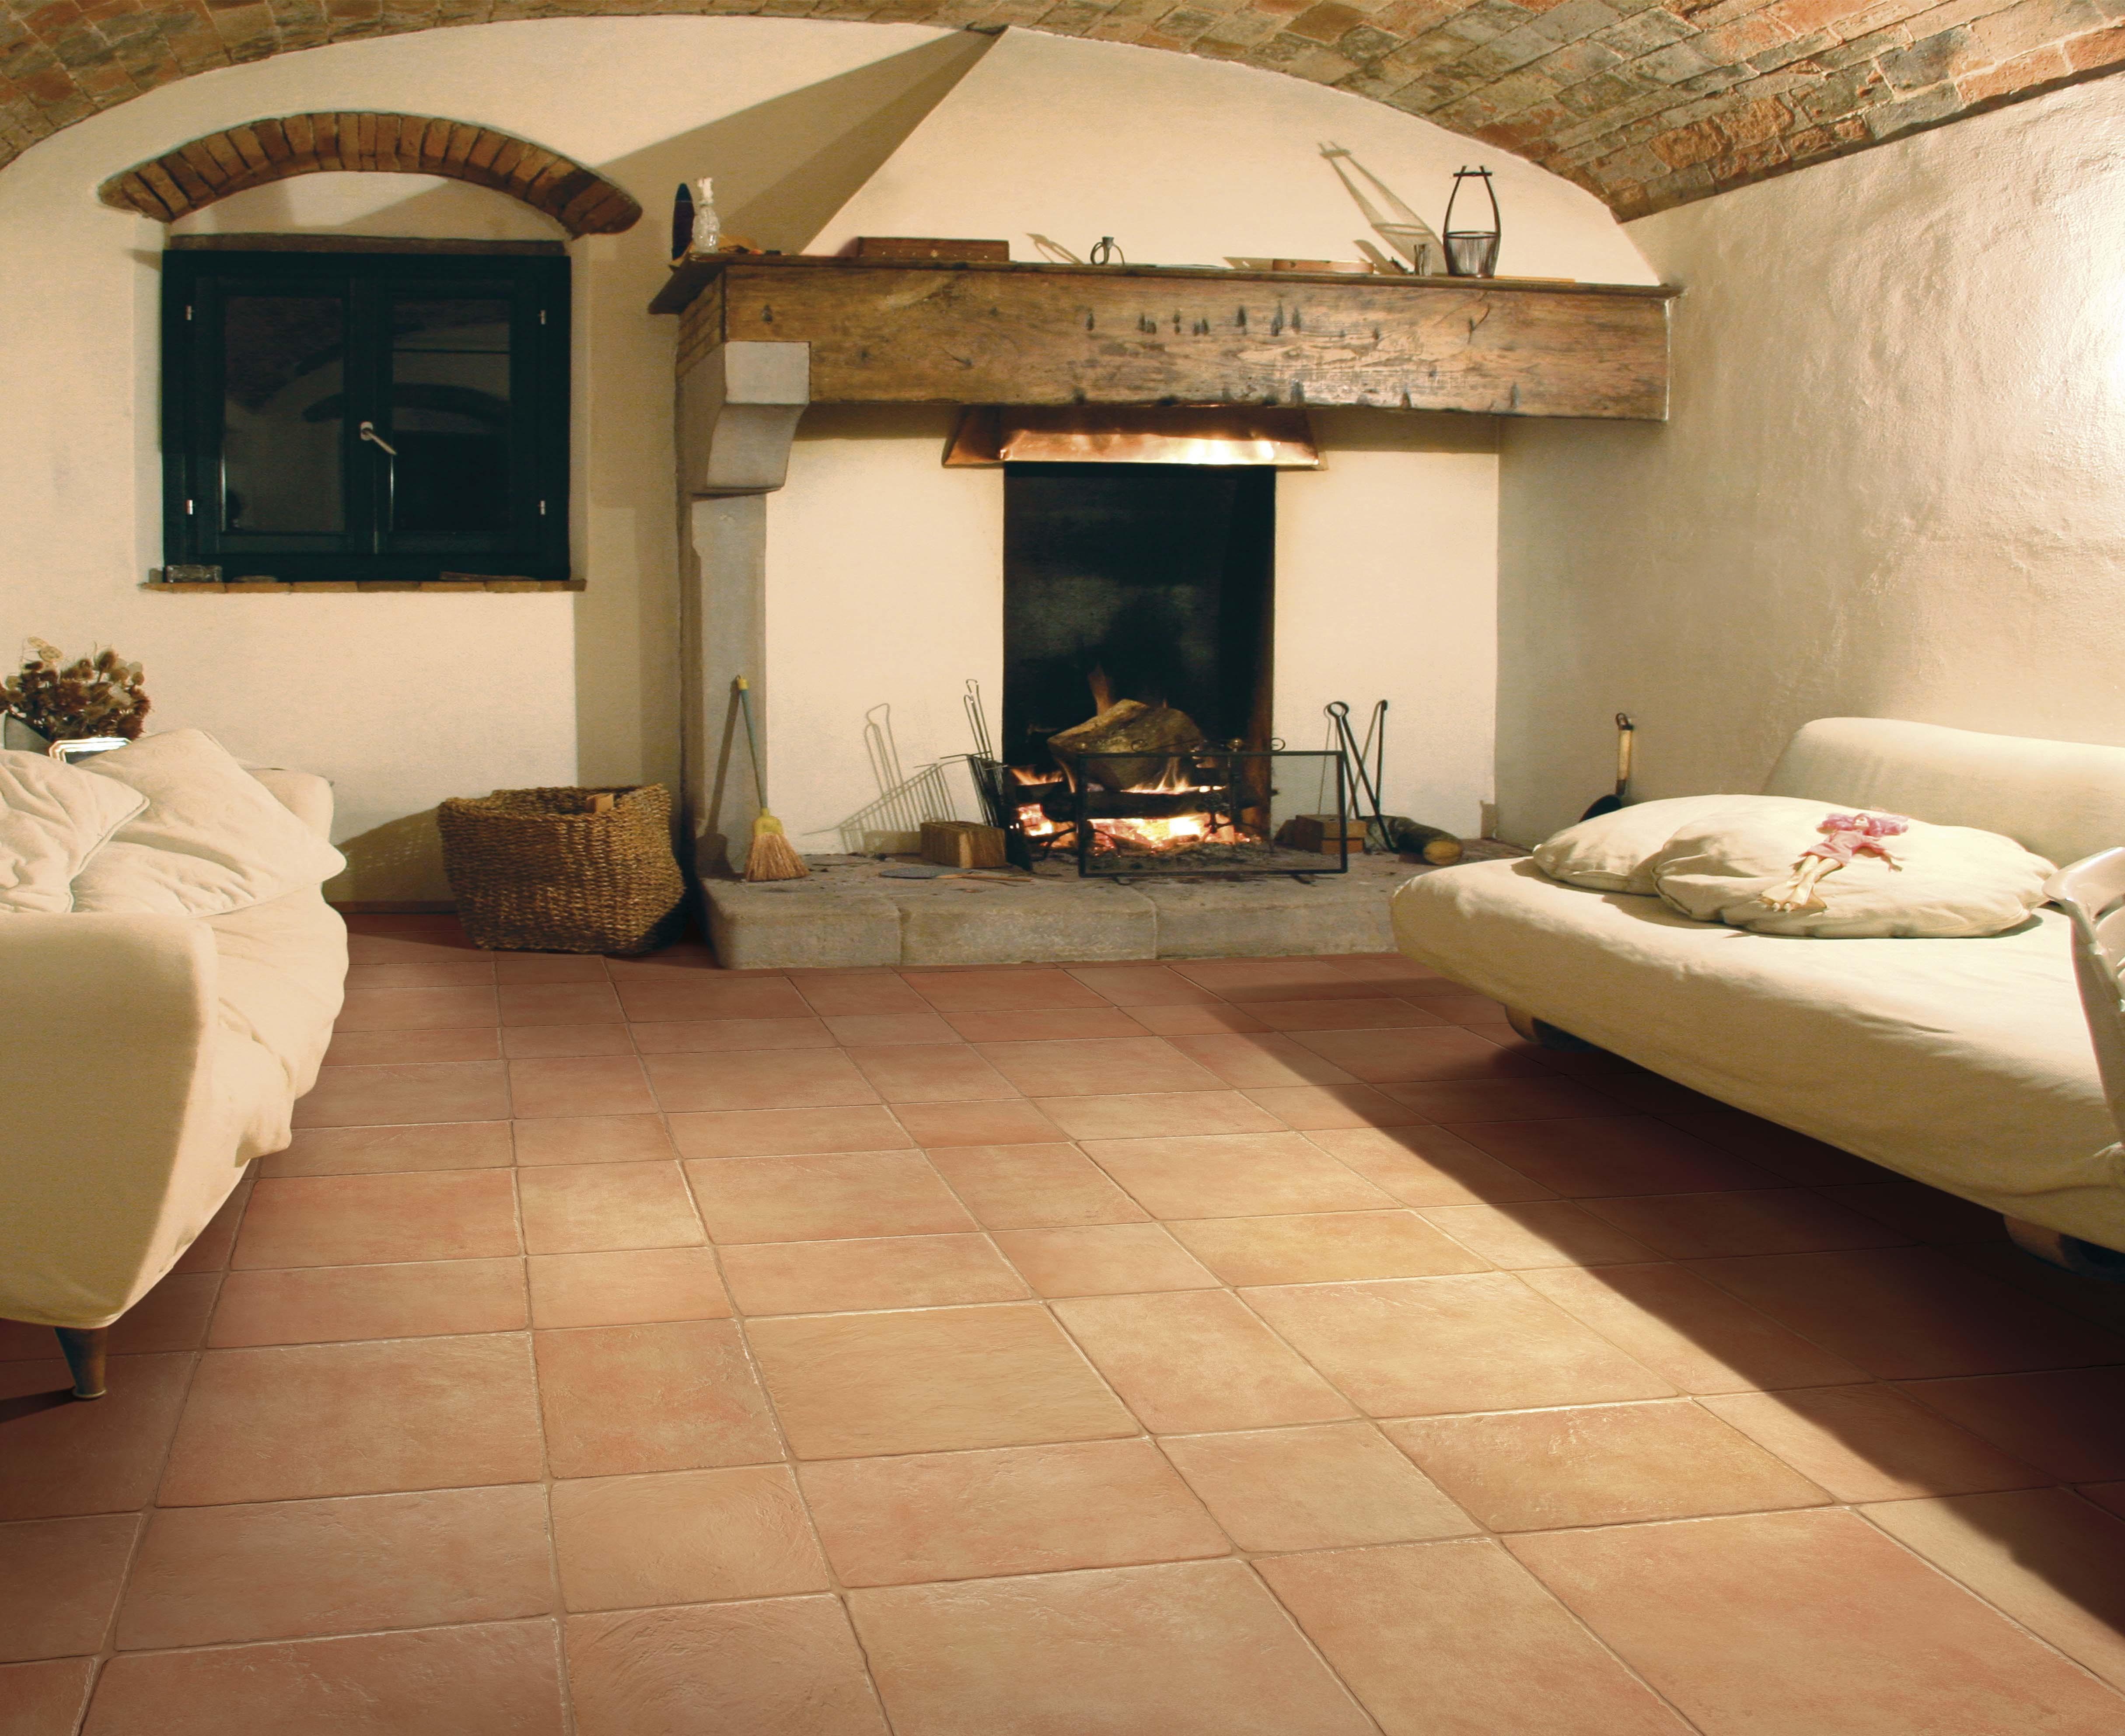 bodenfliesen k che kaufen yt98 kyushucon. Black Bedroom Furniture Sets. Home Design Ideas